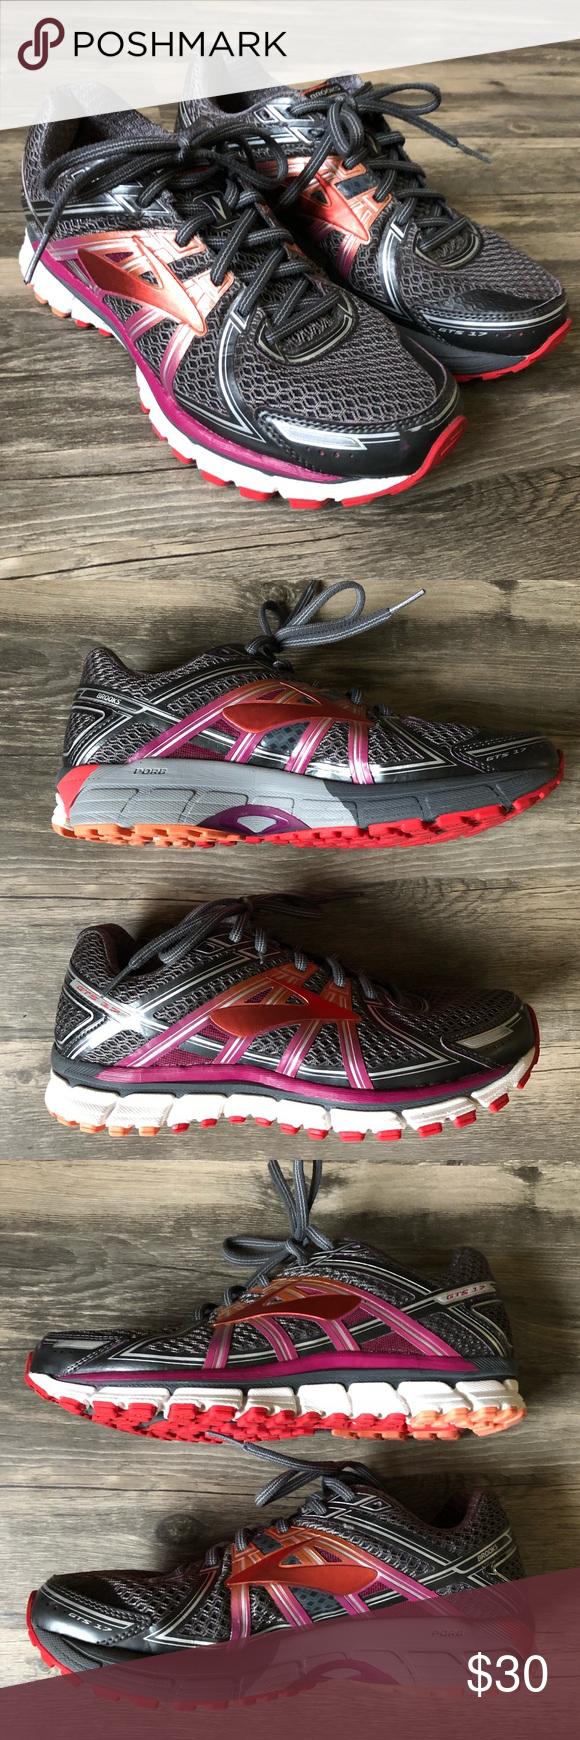 Brooks GTS Seventeen Running Shoes Size